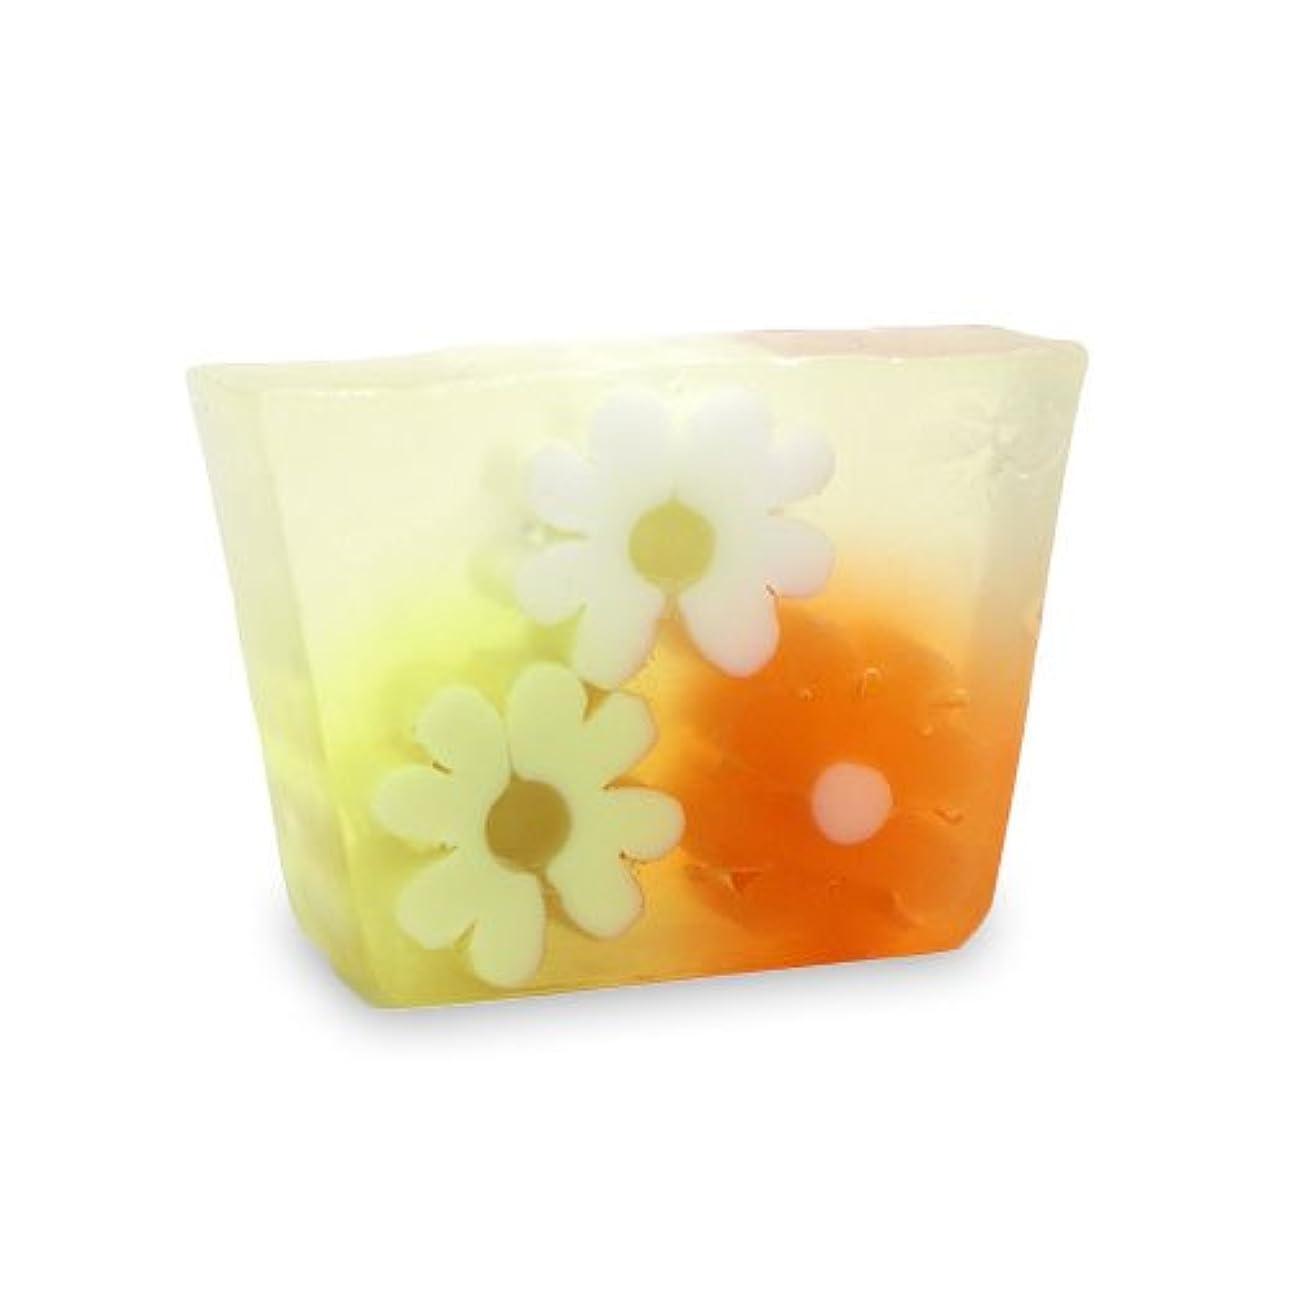 価値ウェイターアルコールプライモールエレメンツ アロマティック ミニソープ オレンジフラワーショップ 80g 植物性 ナチュラル 石鹸 無添加